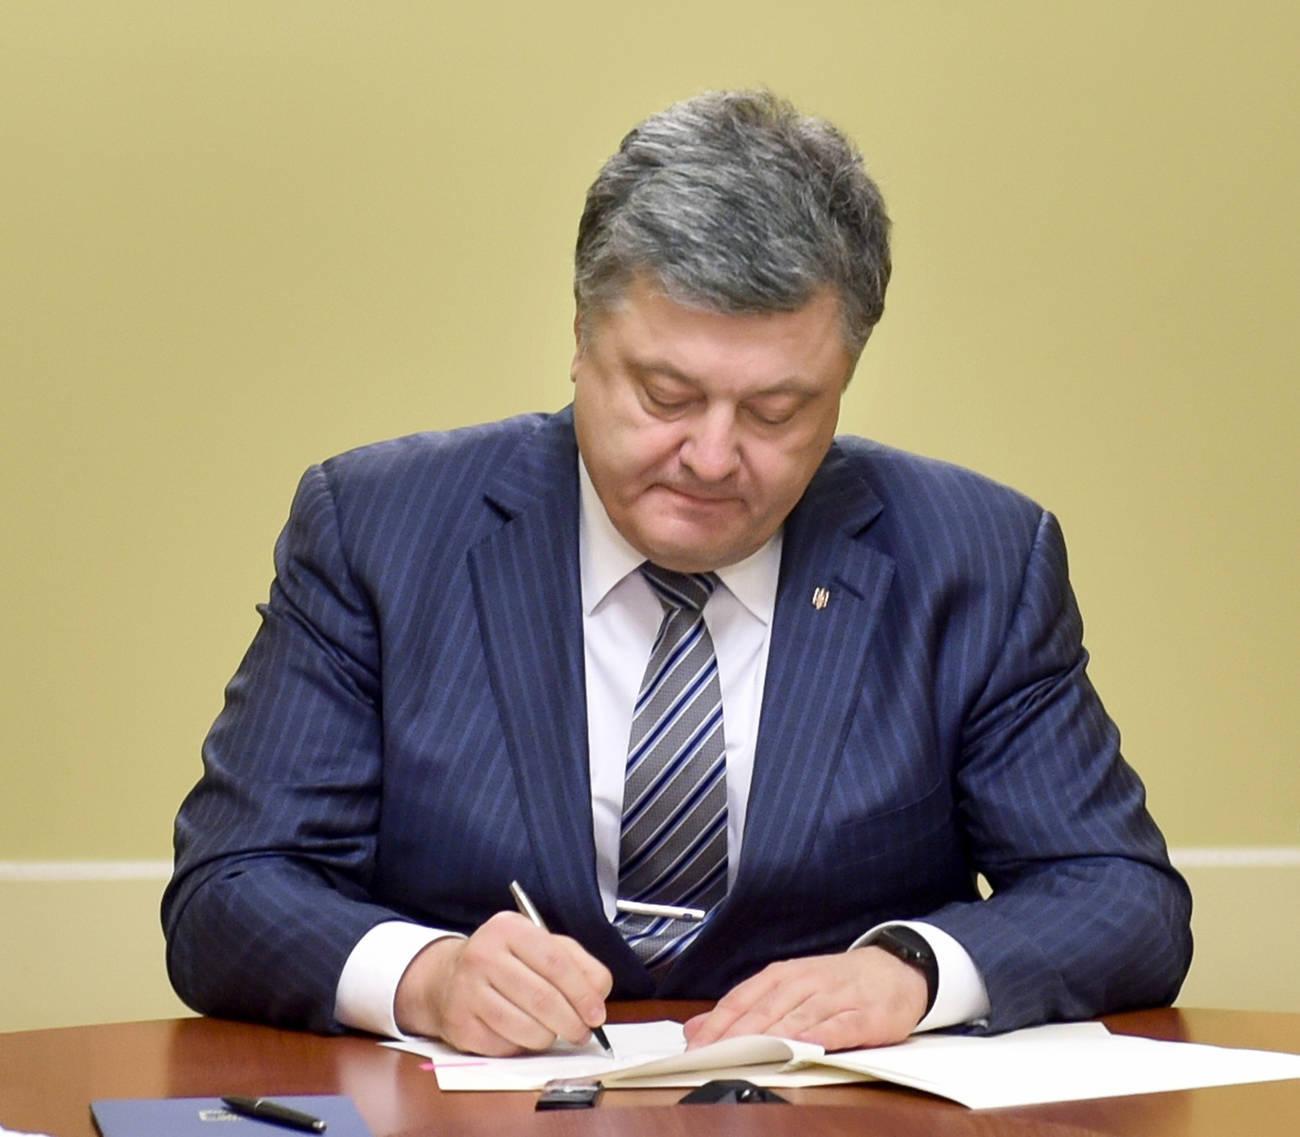 Сегодня Петр Порошенко подписал важный указ относительно Донбасса